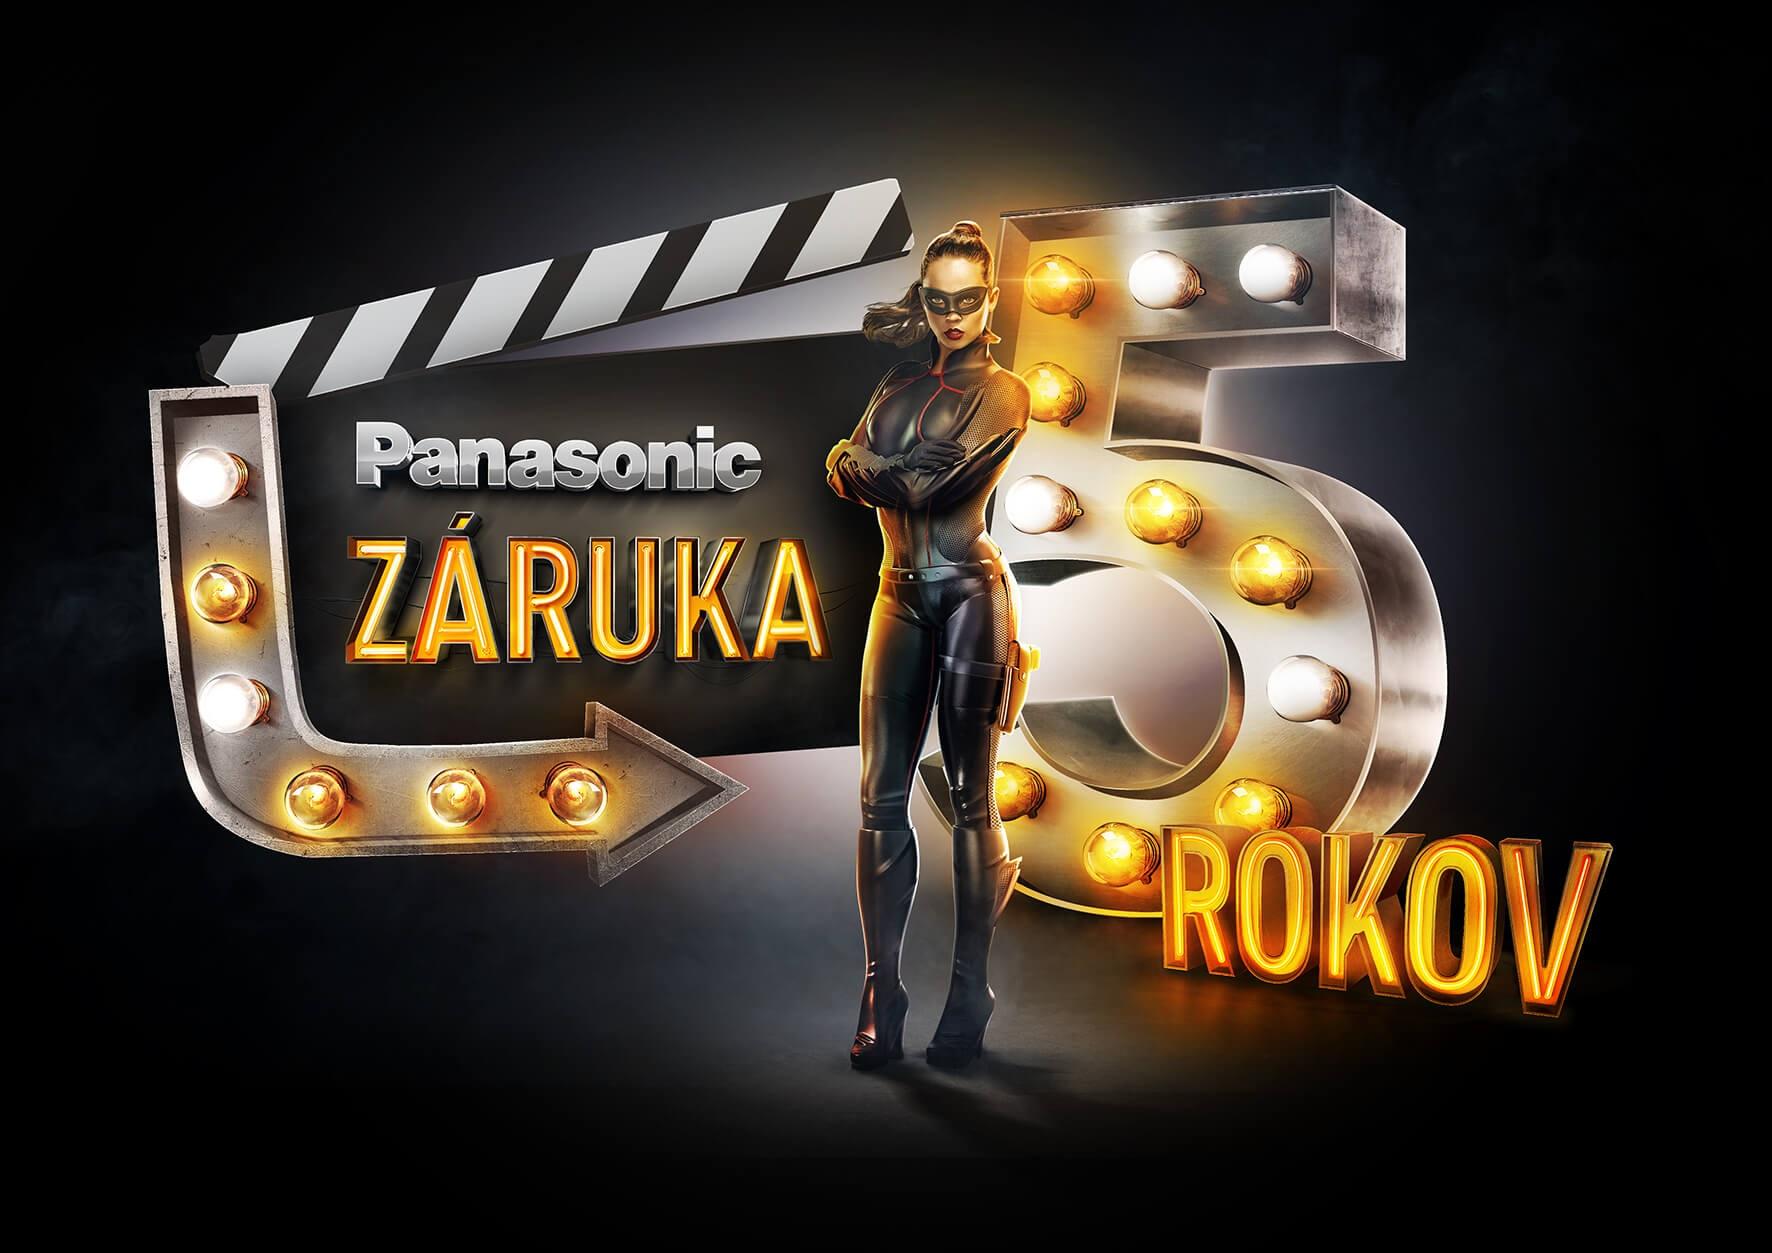 8c30abc60 5-ročná záruka na vybrané TV Panasonic   Alza.sk